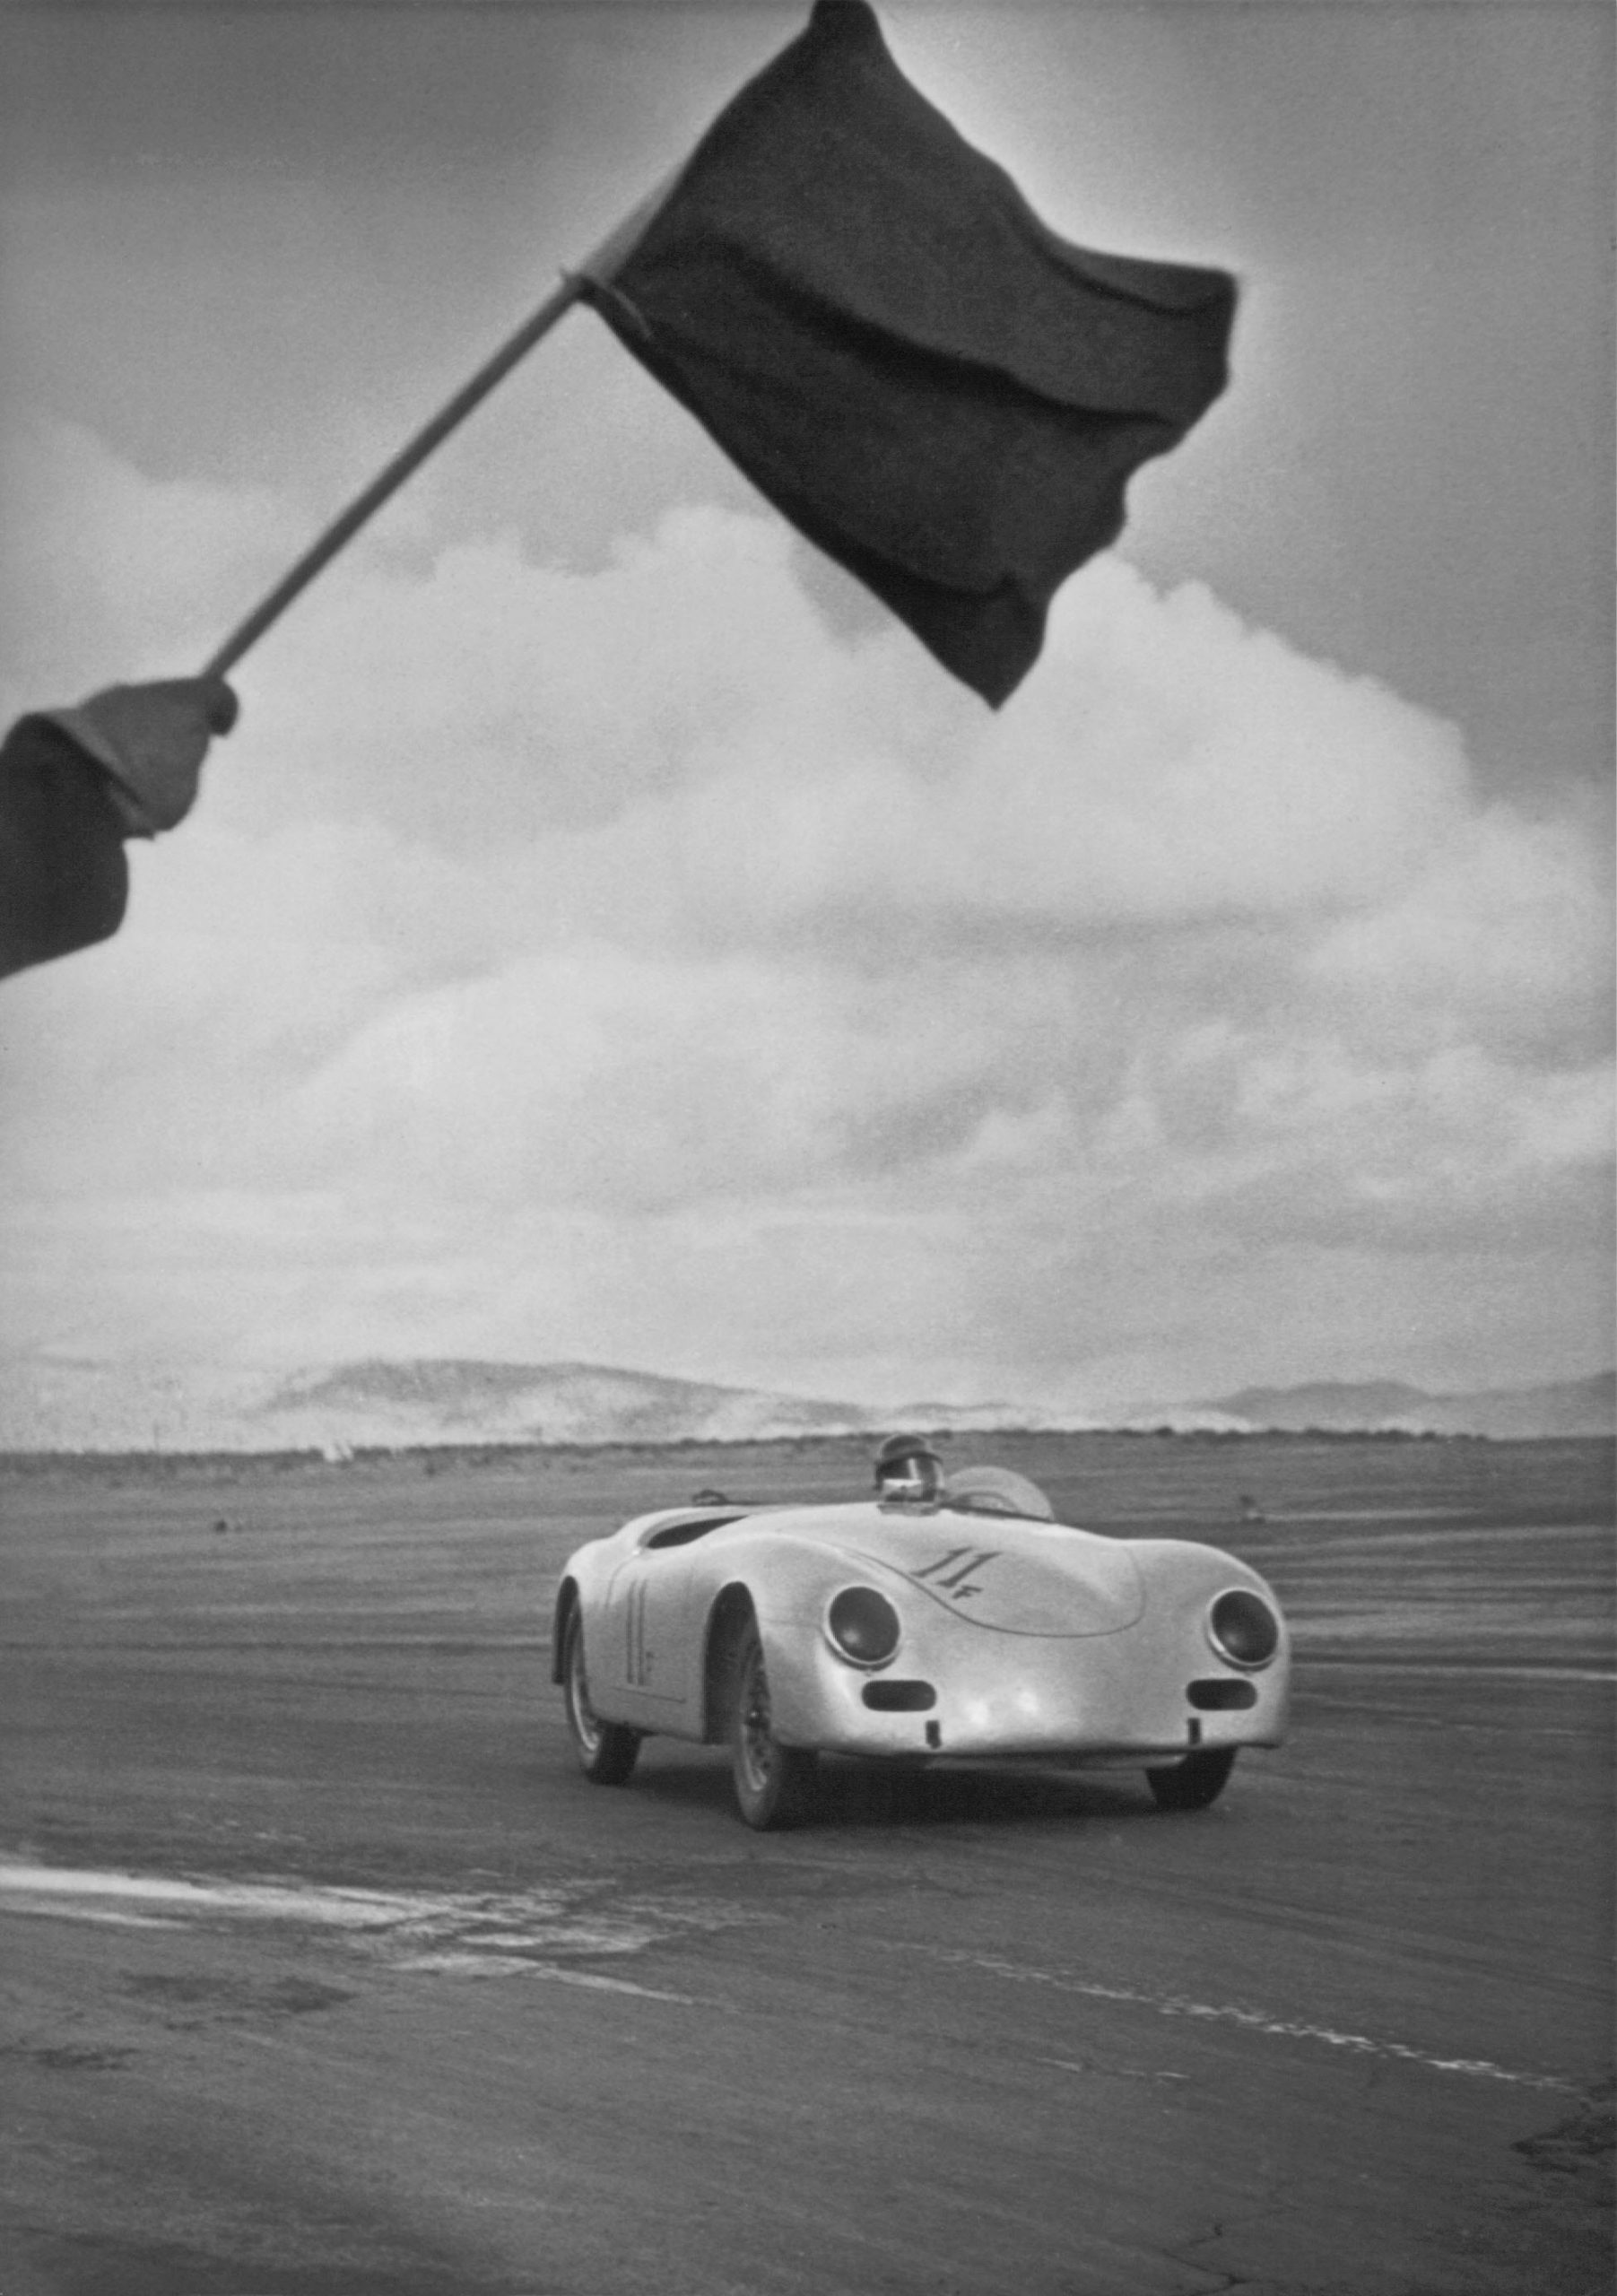 1953 john von neumann porsche 356 america roadster revo nevada